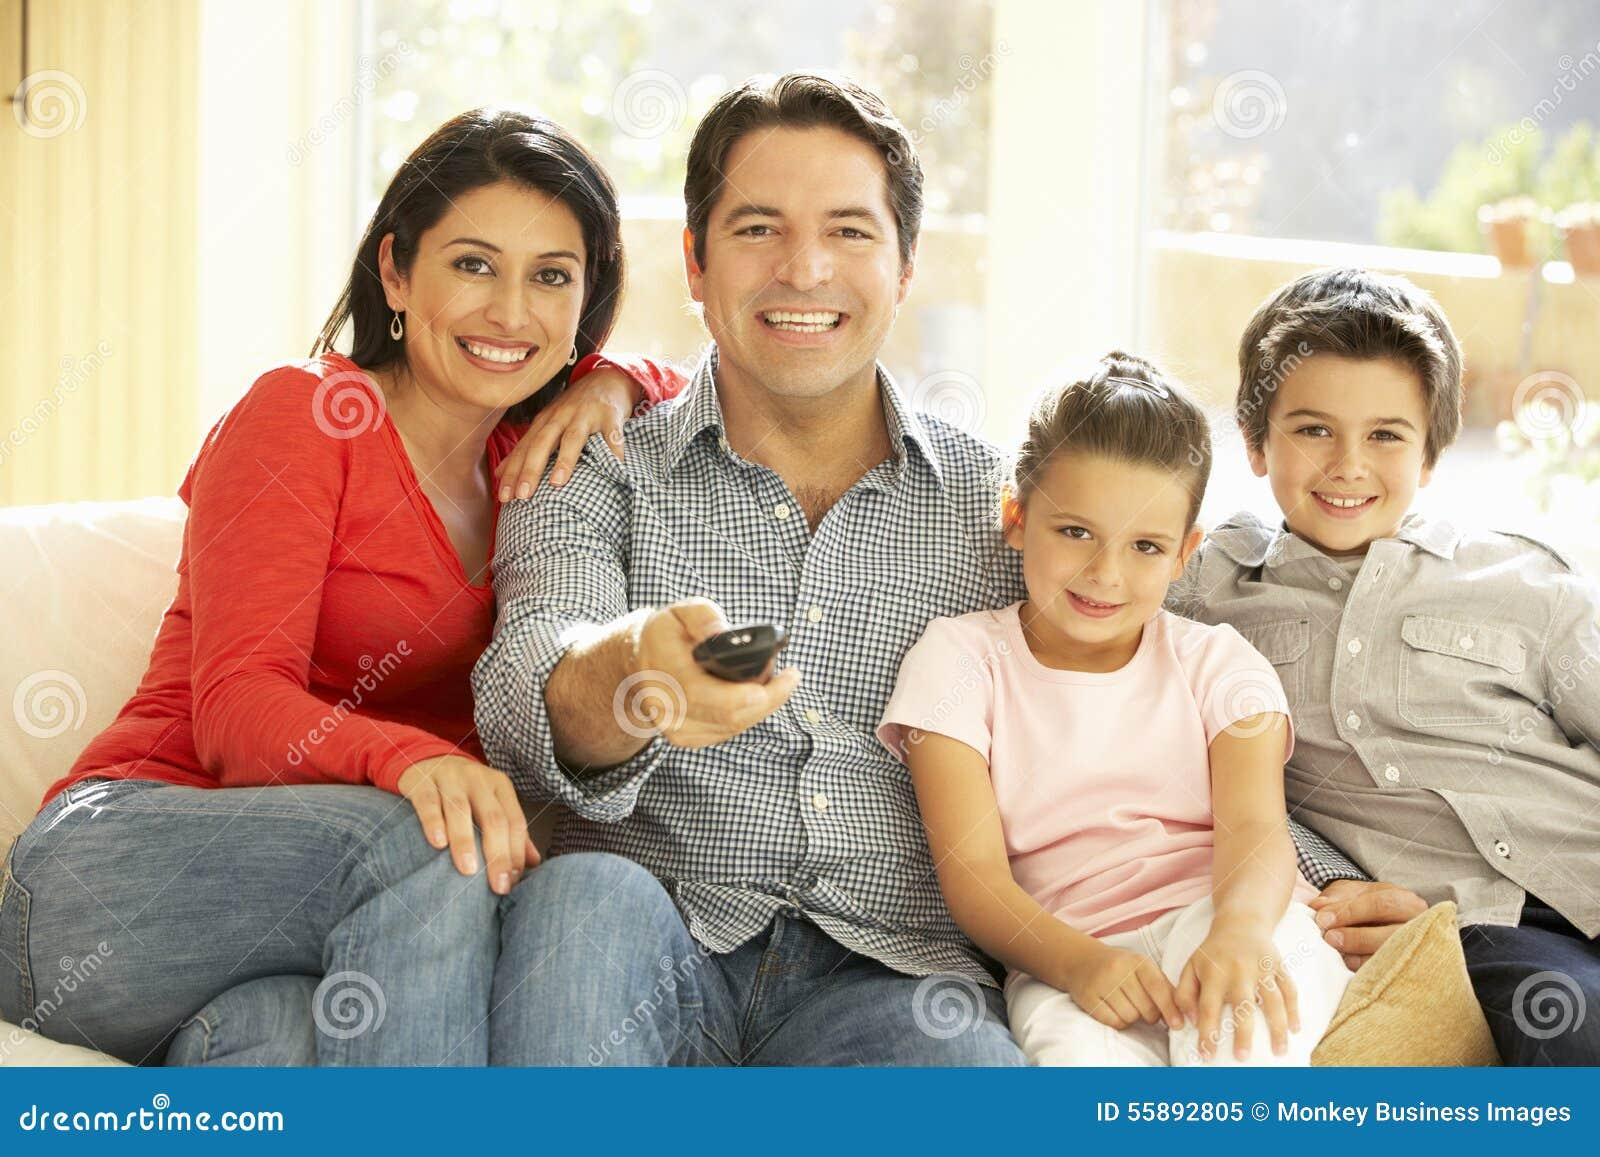 hispanic family watching tv -#main